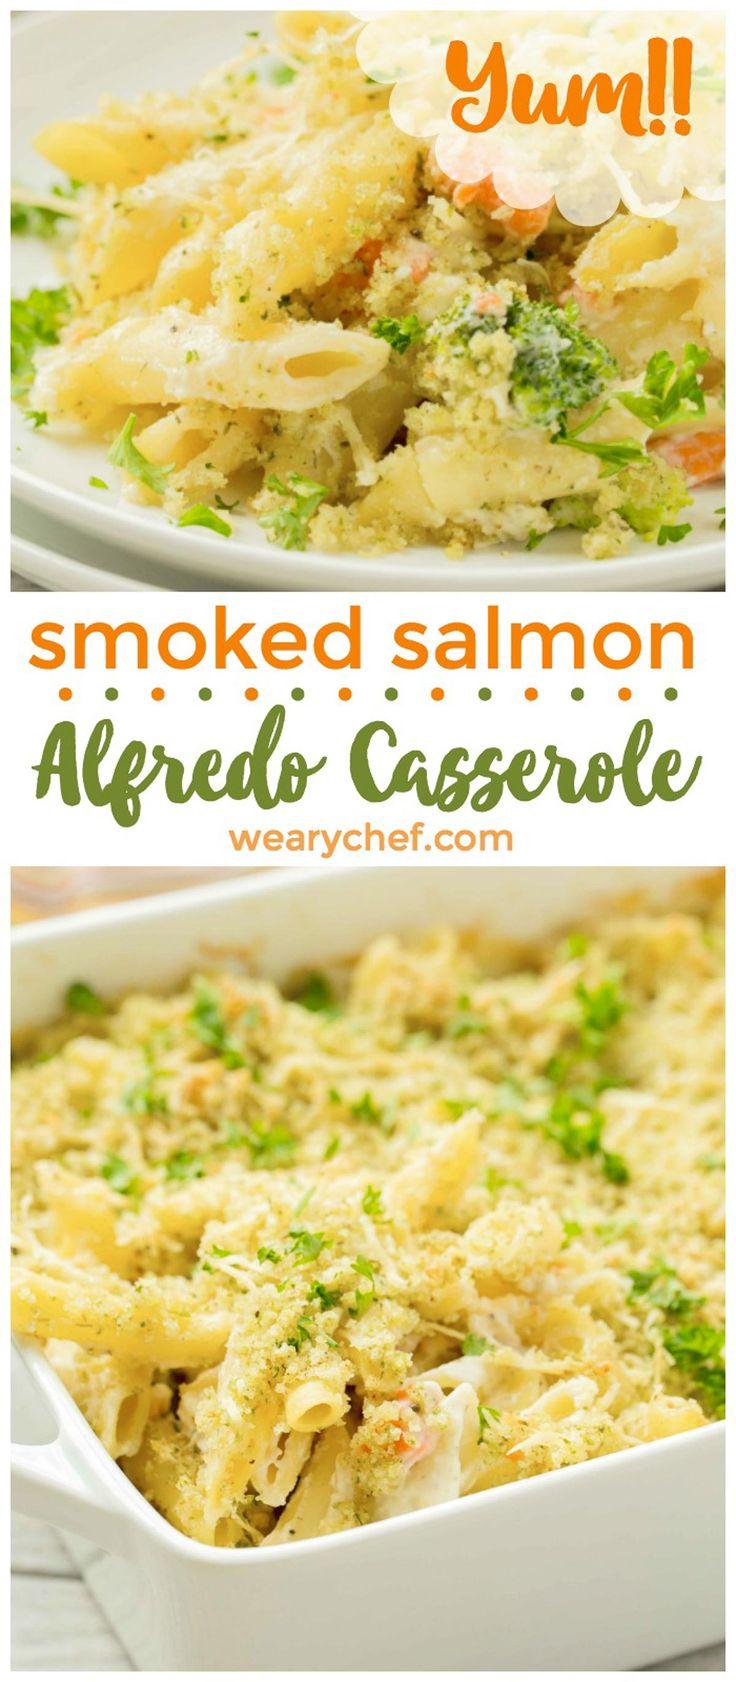 Smoked Salmon Pasta Alfredo Casserole